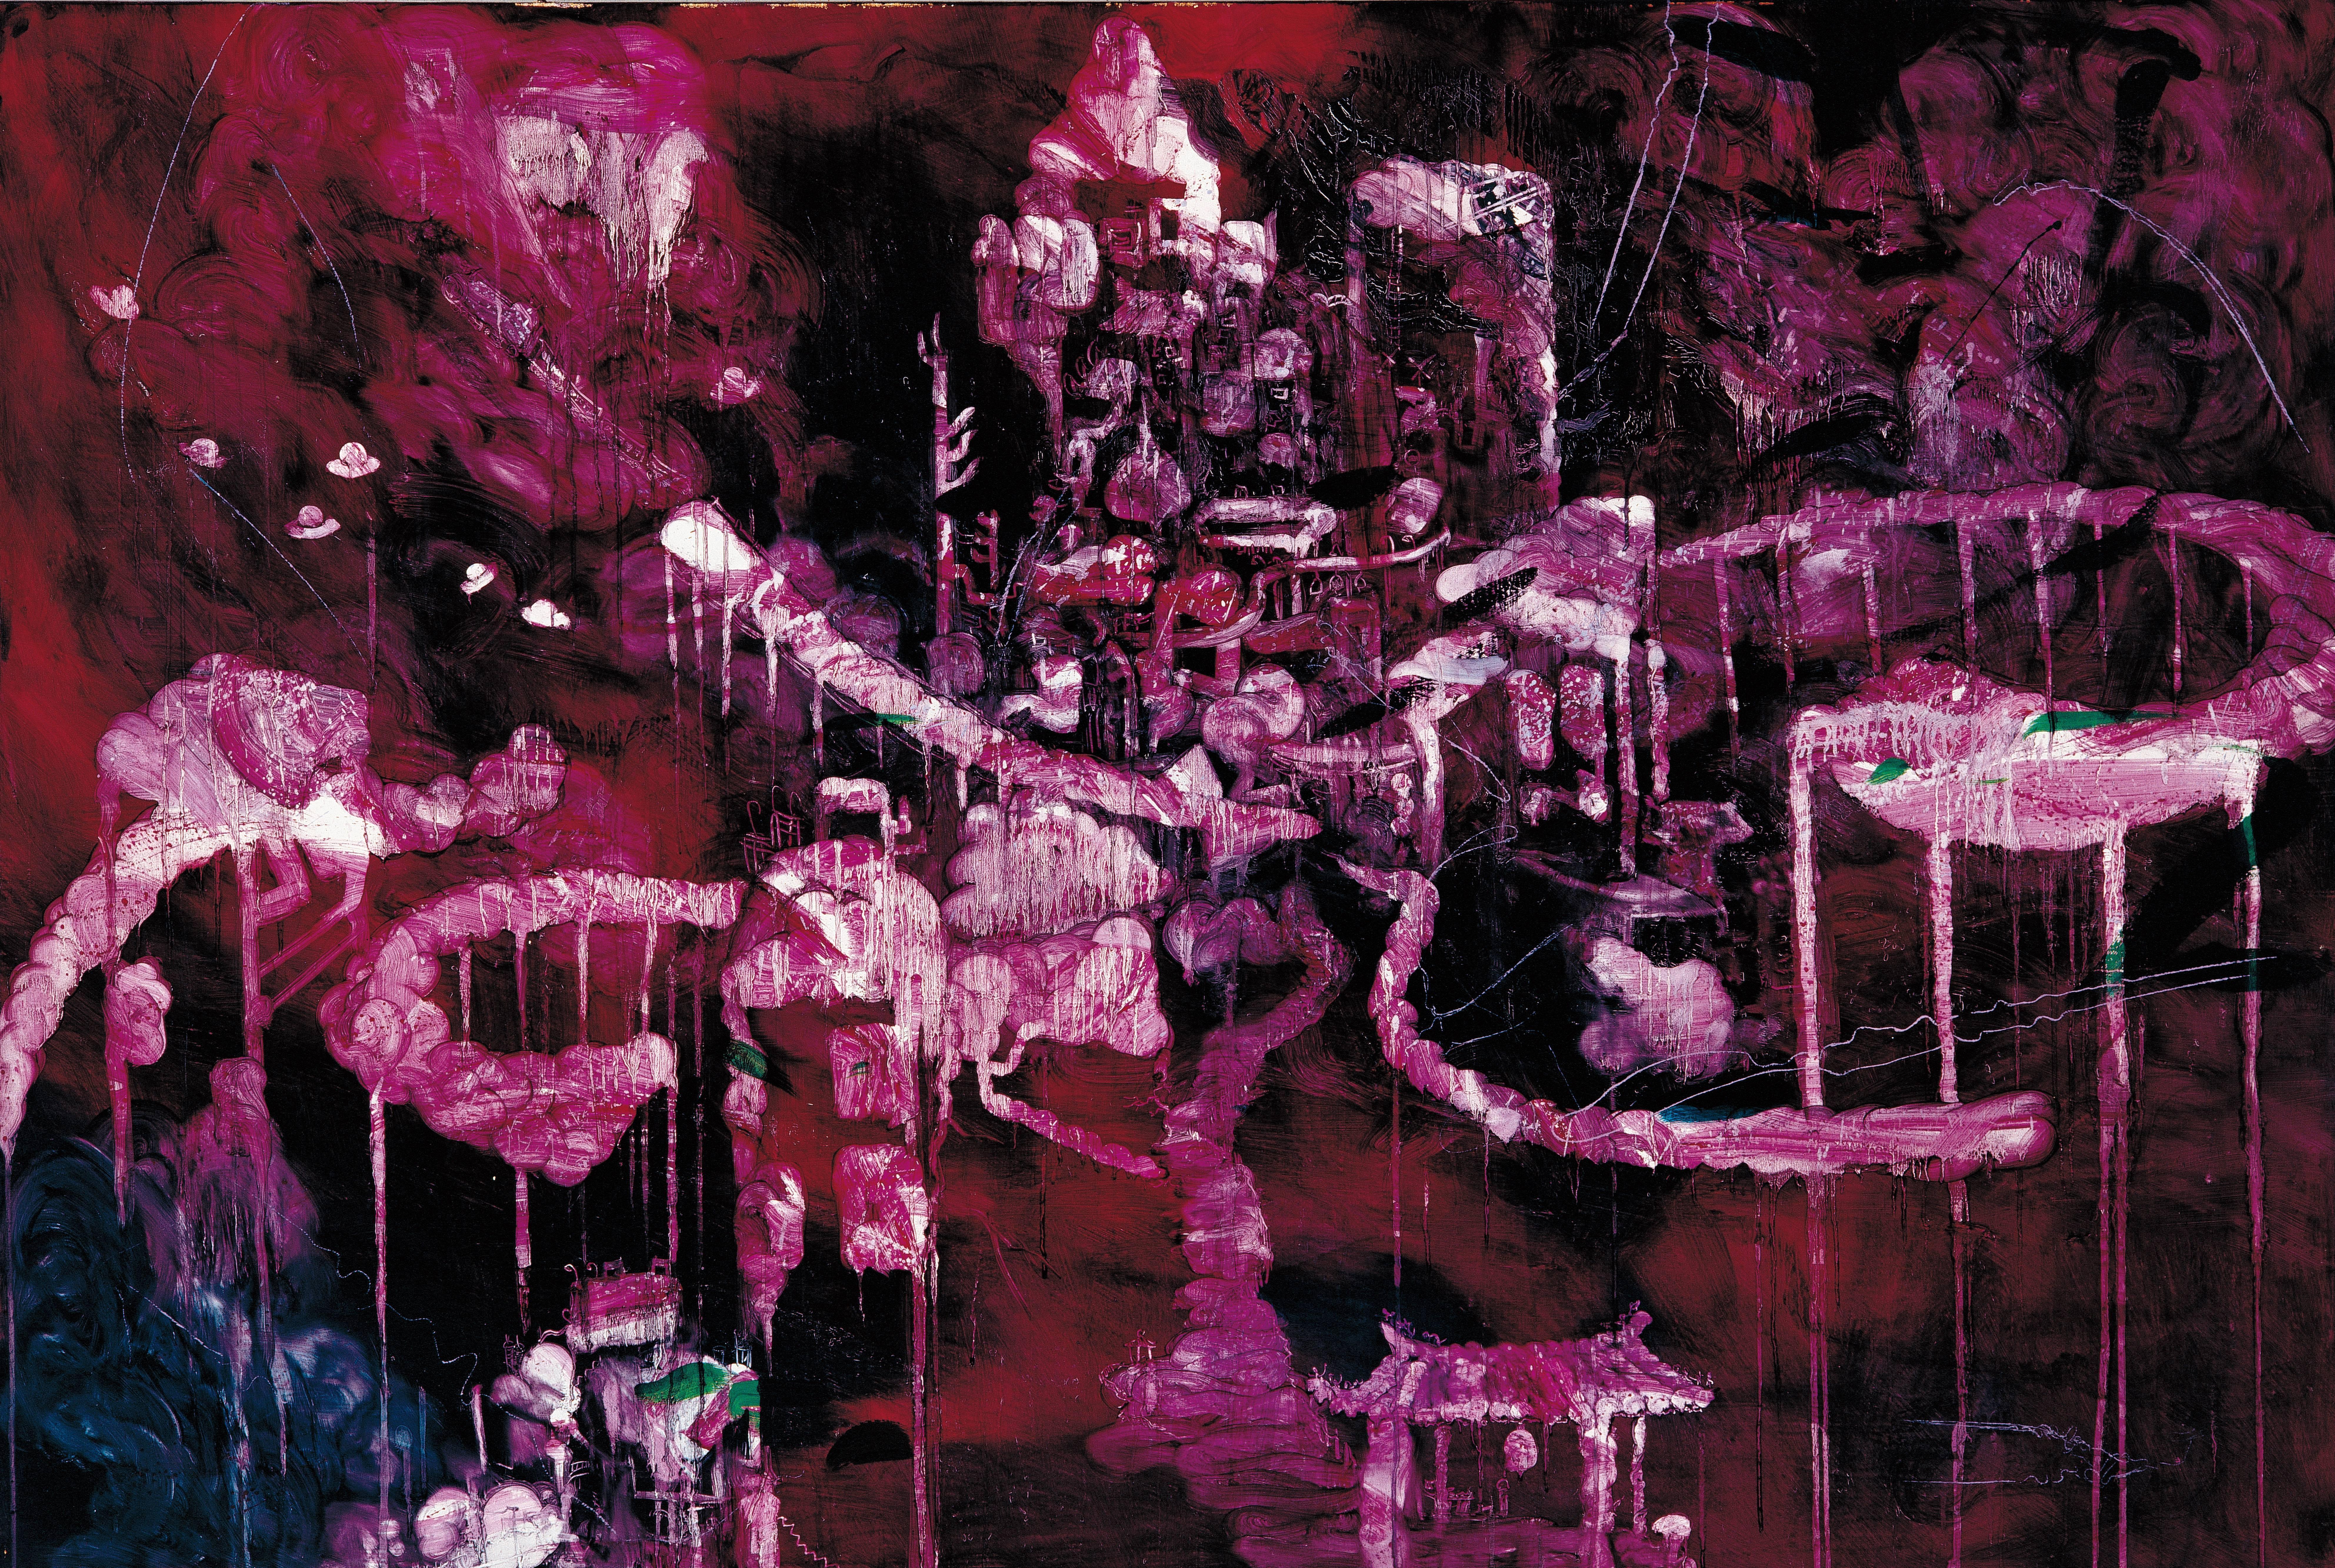 常陵|五花肉系列-肉都市-都市一覽|2008|油彩|130x194cm